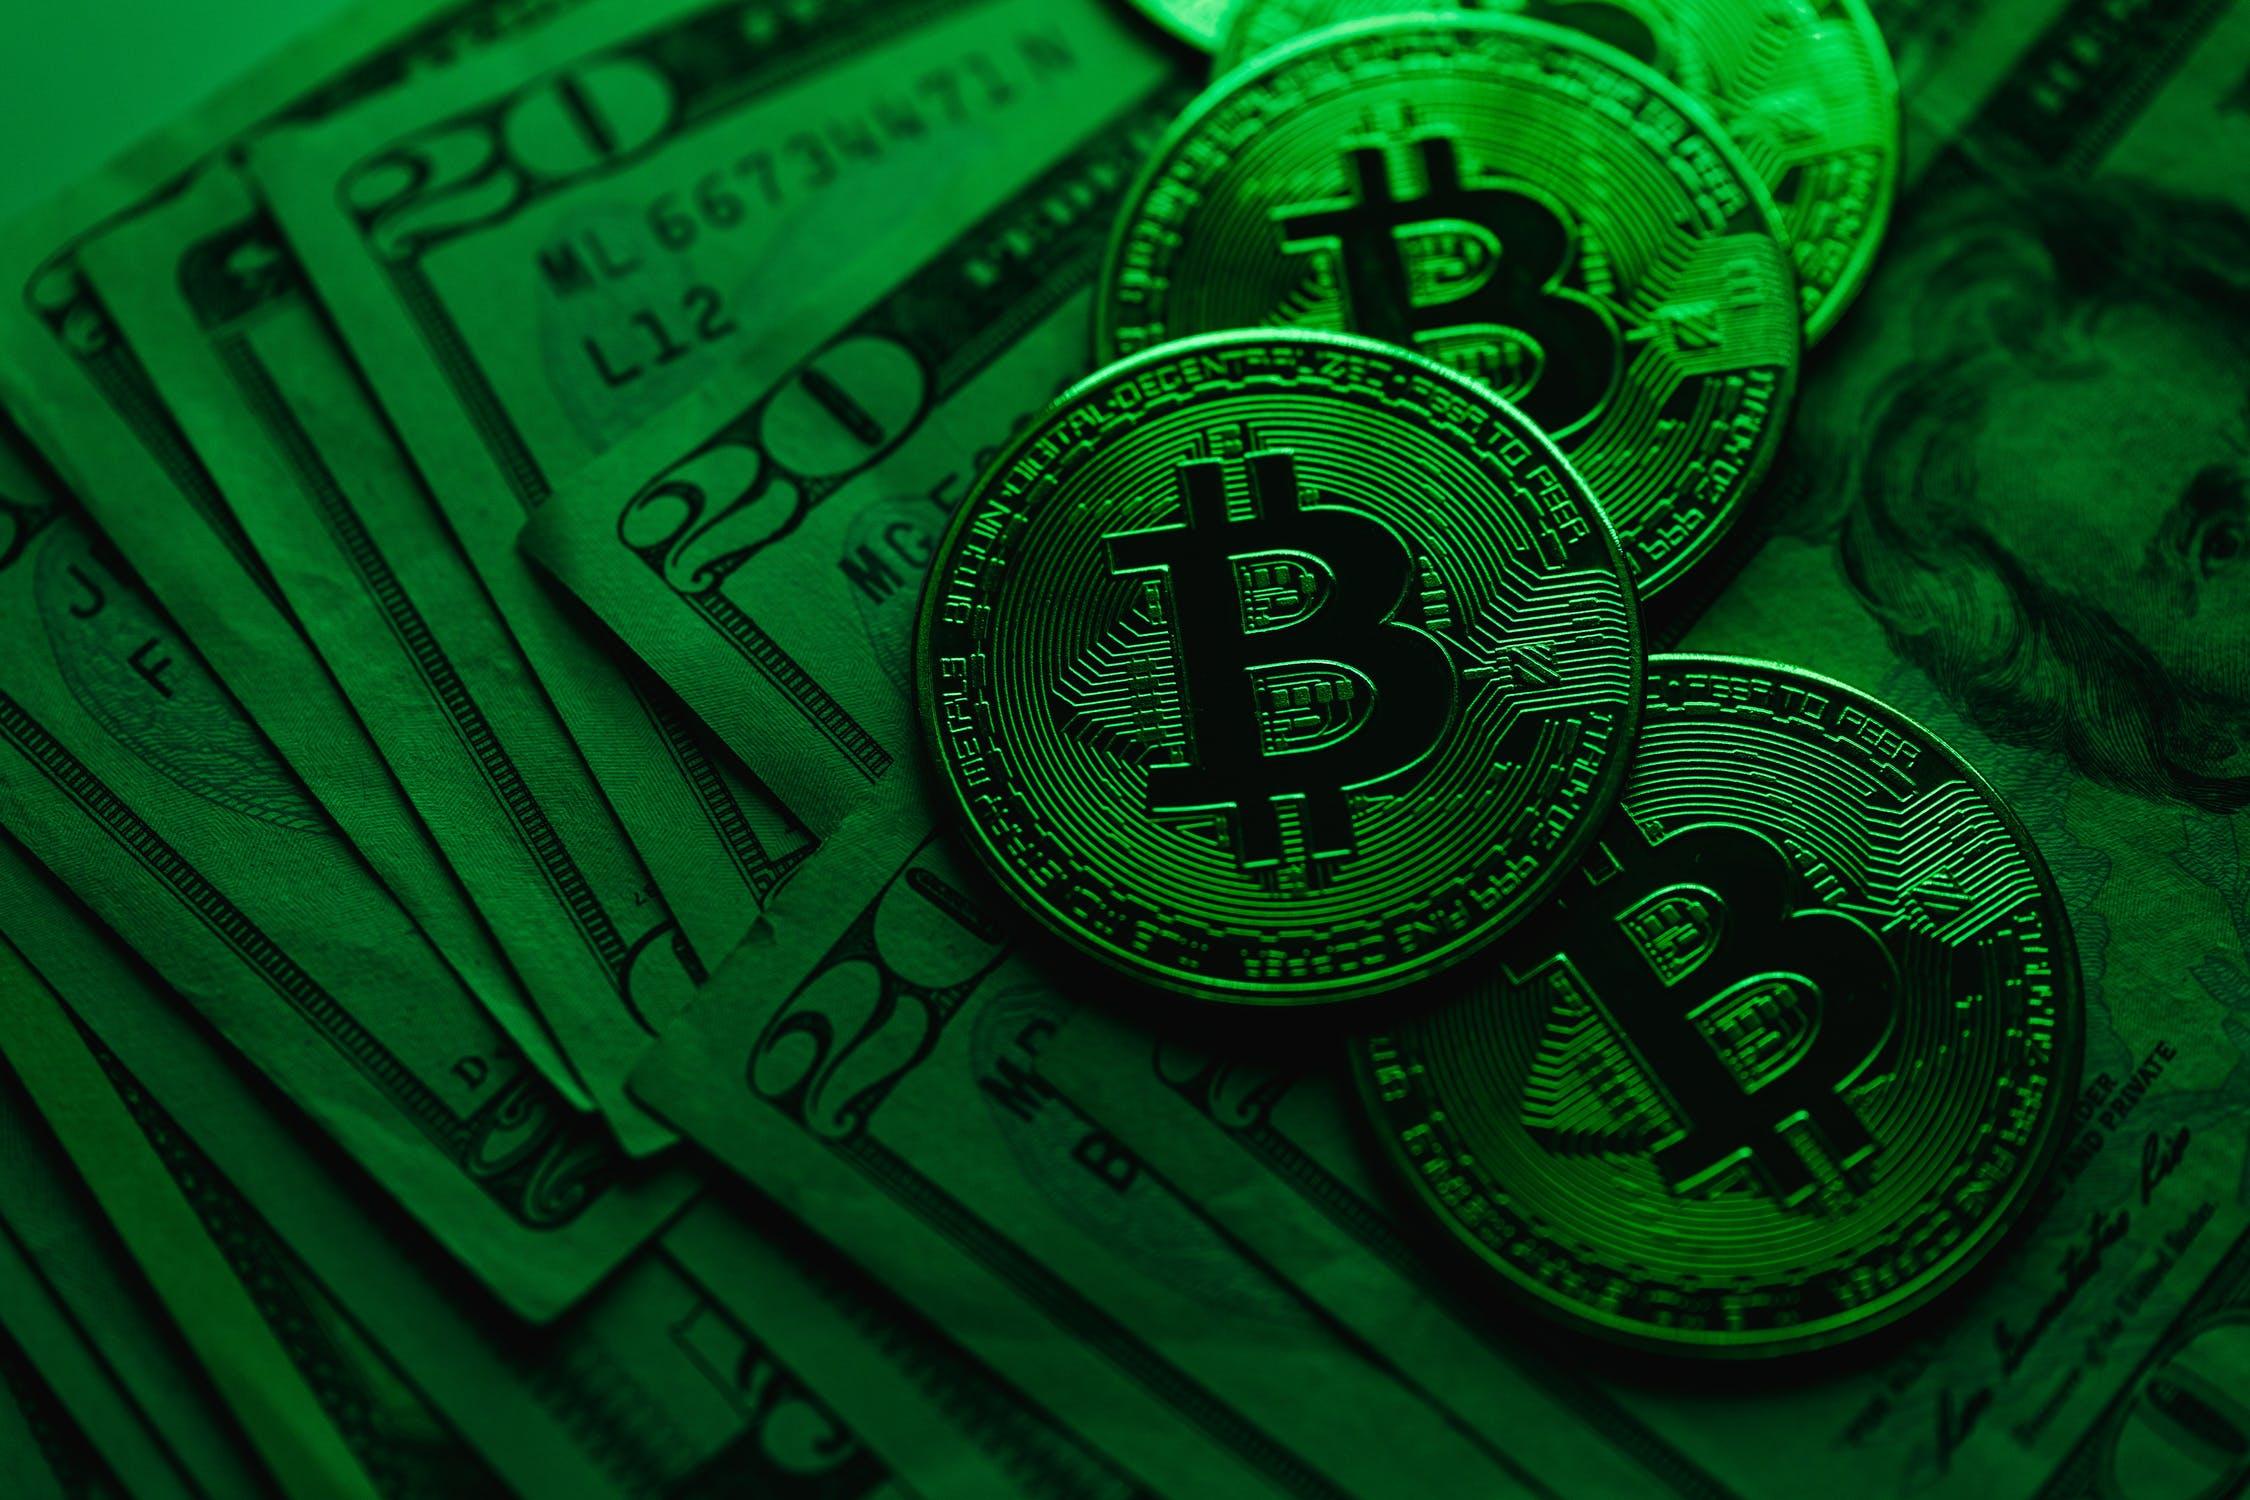 Les grosses transactions en Bitcoins s'accentuent